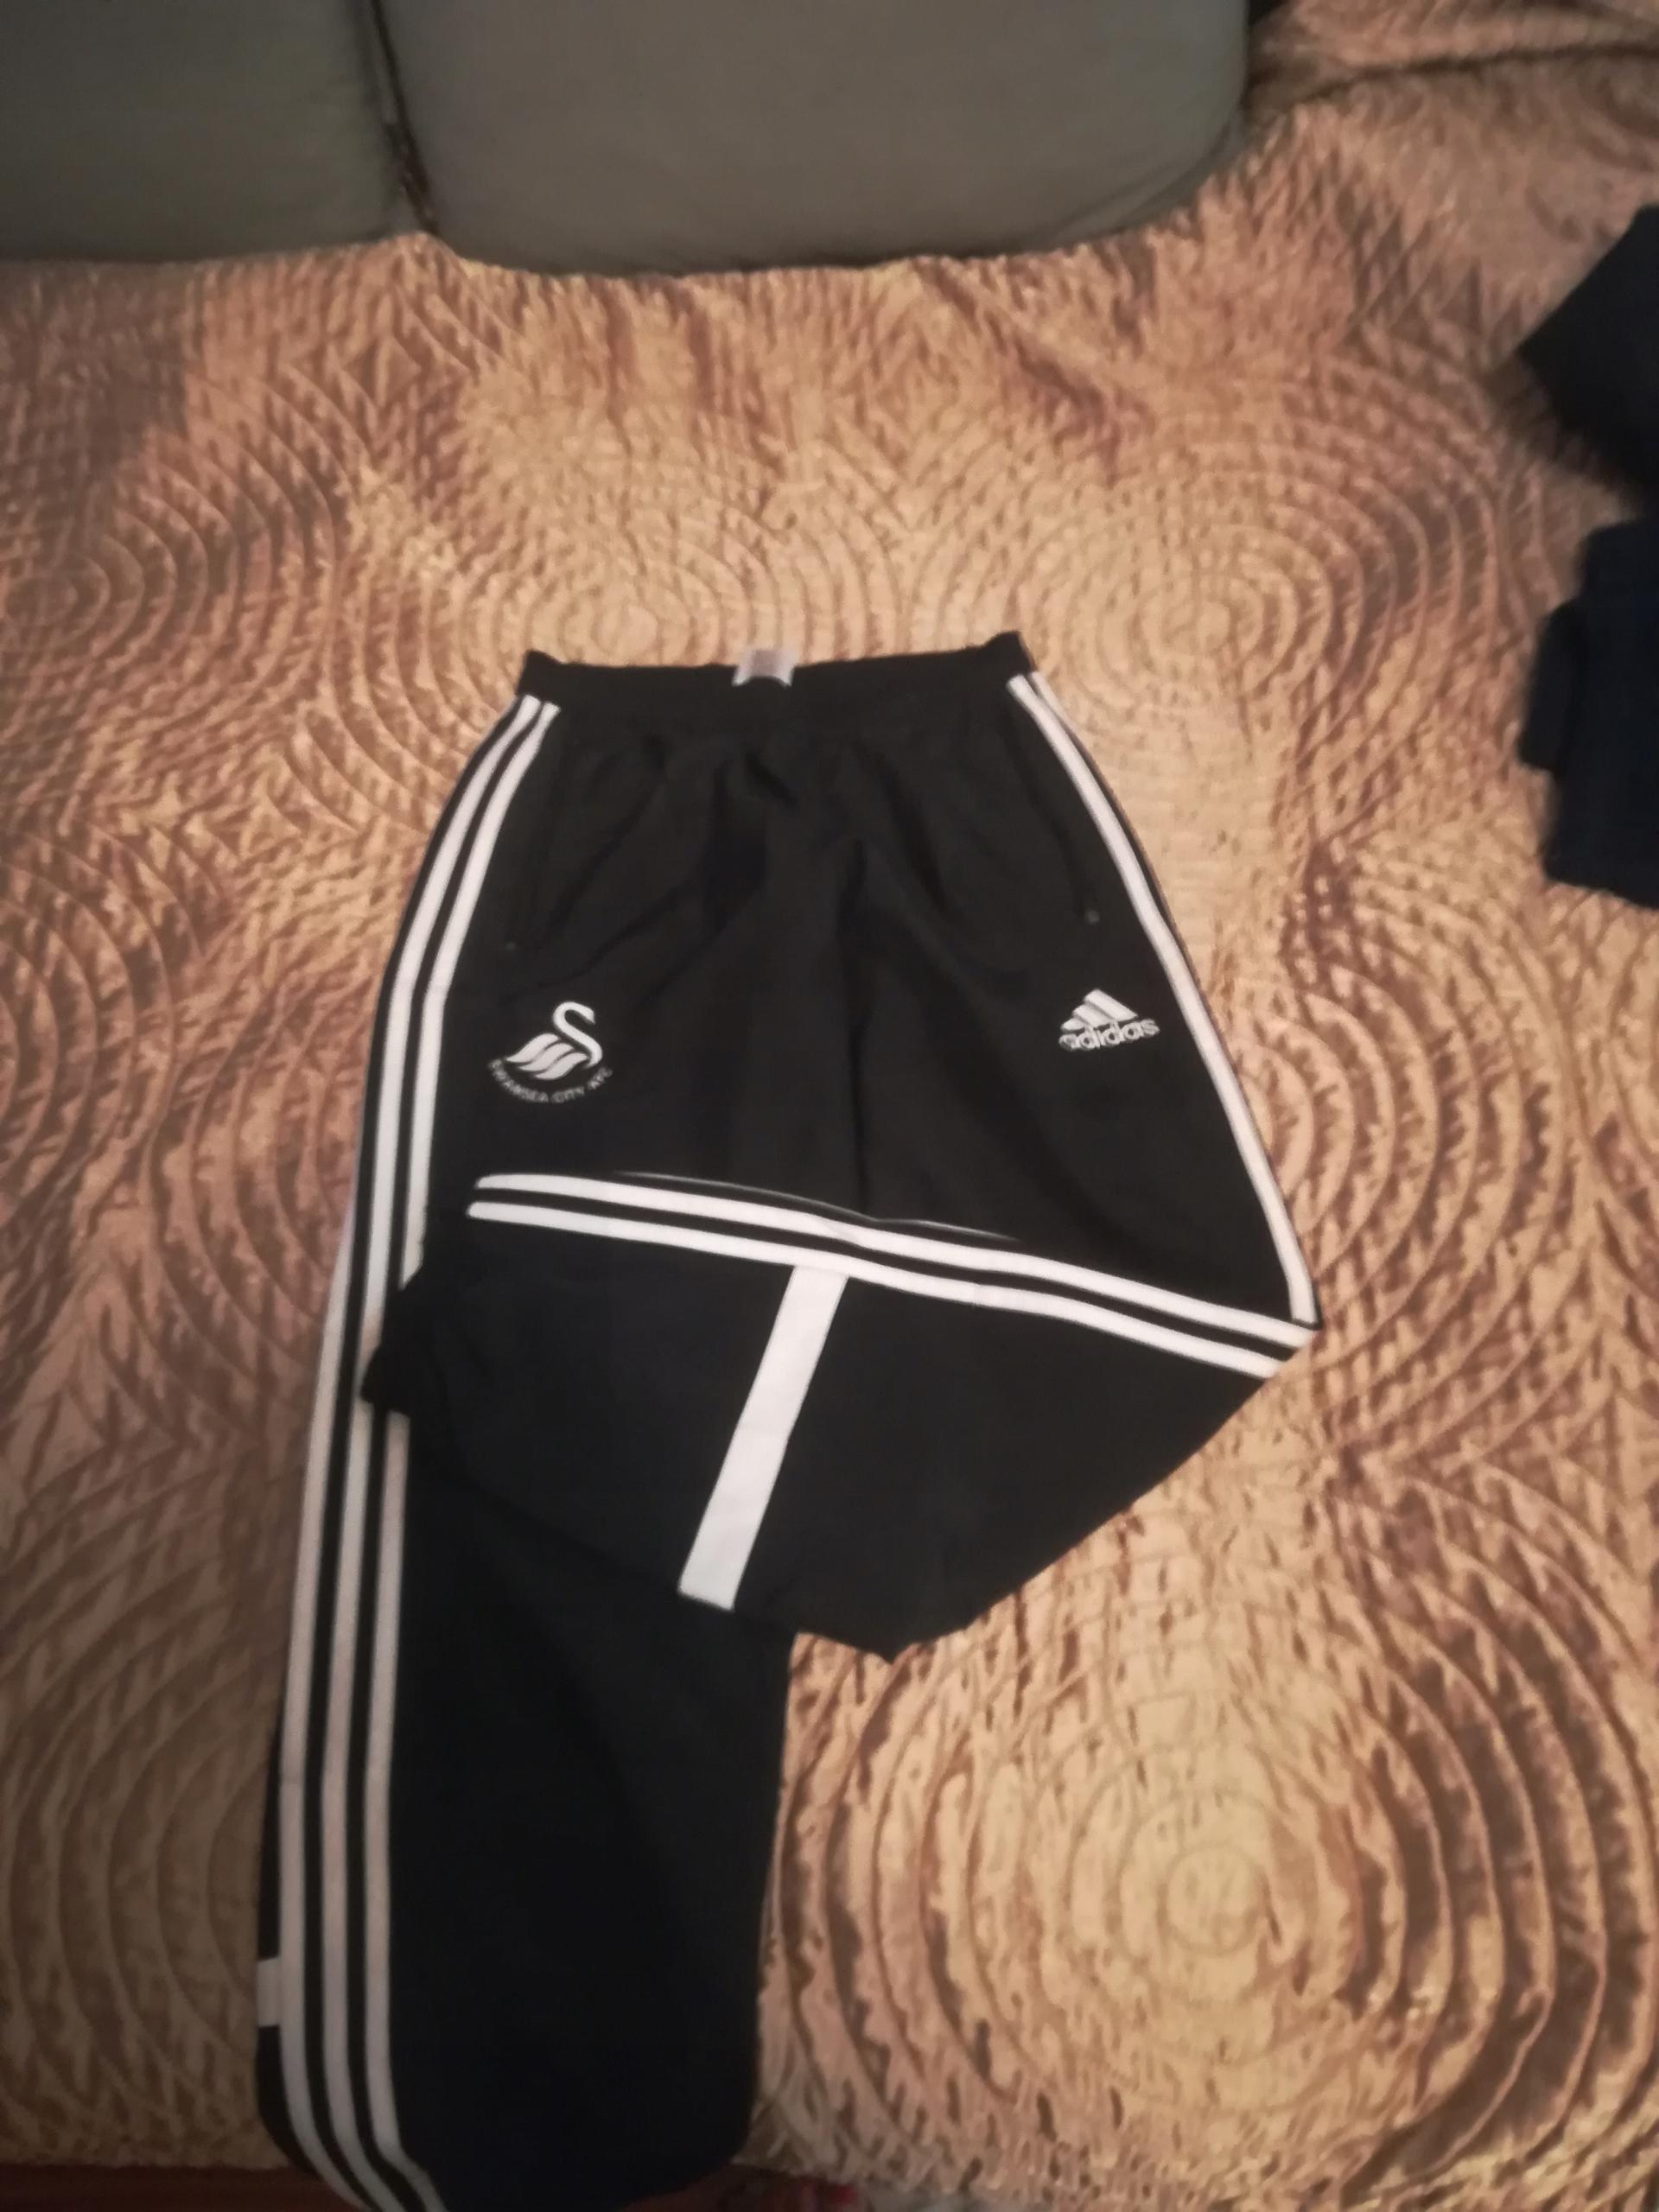 Spodnie dresowe Adidas, Swansea